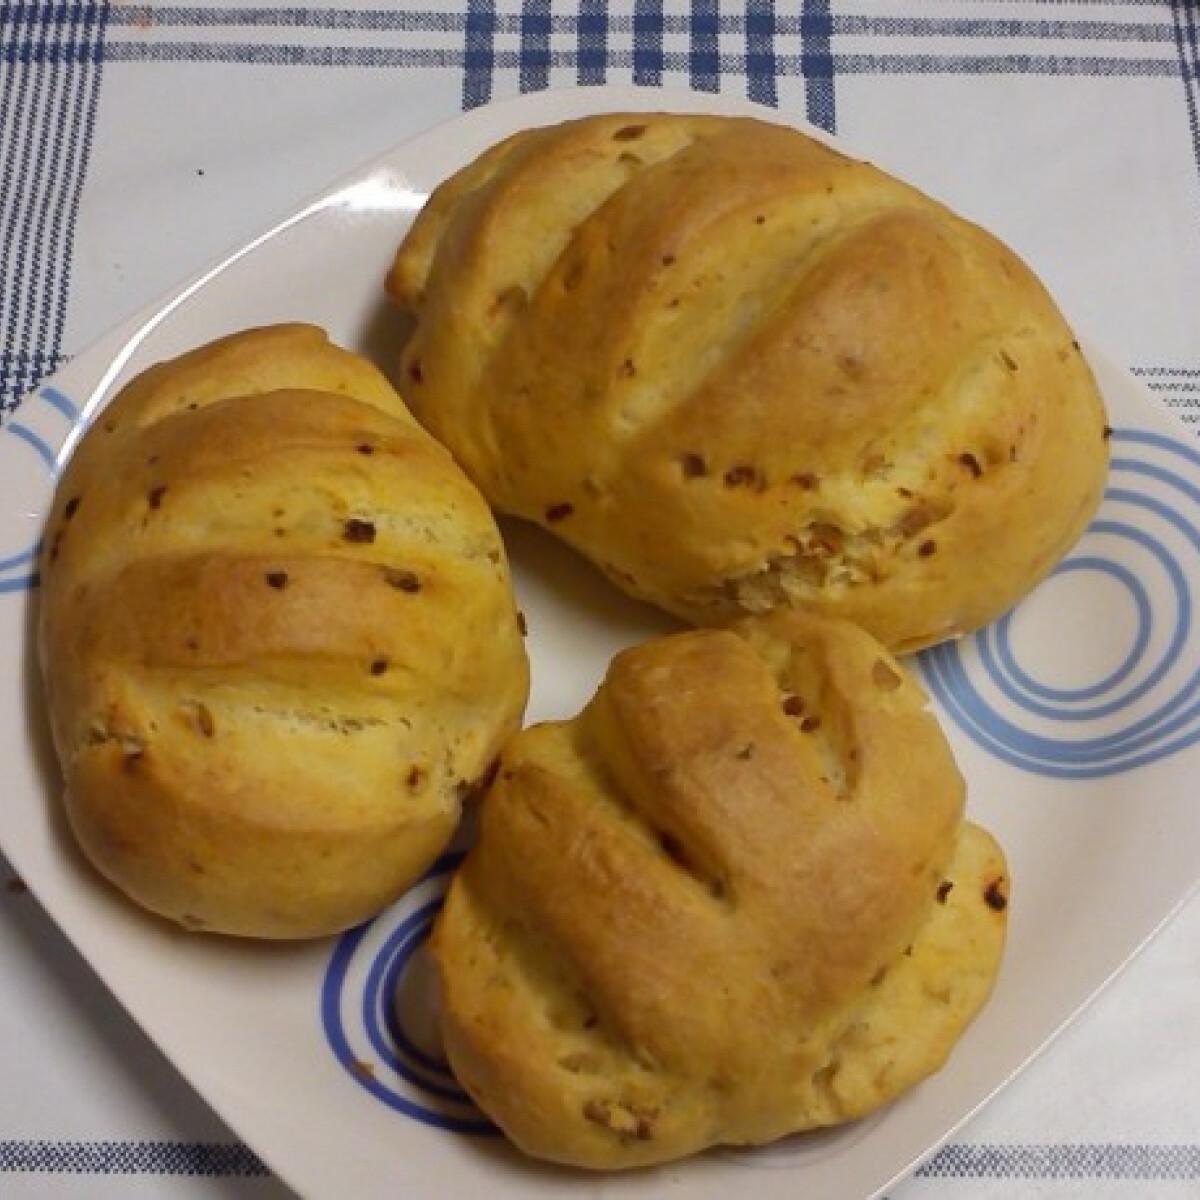 Ezen a képen: Kolbászos-fokhagymás kenyér vagy buci